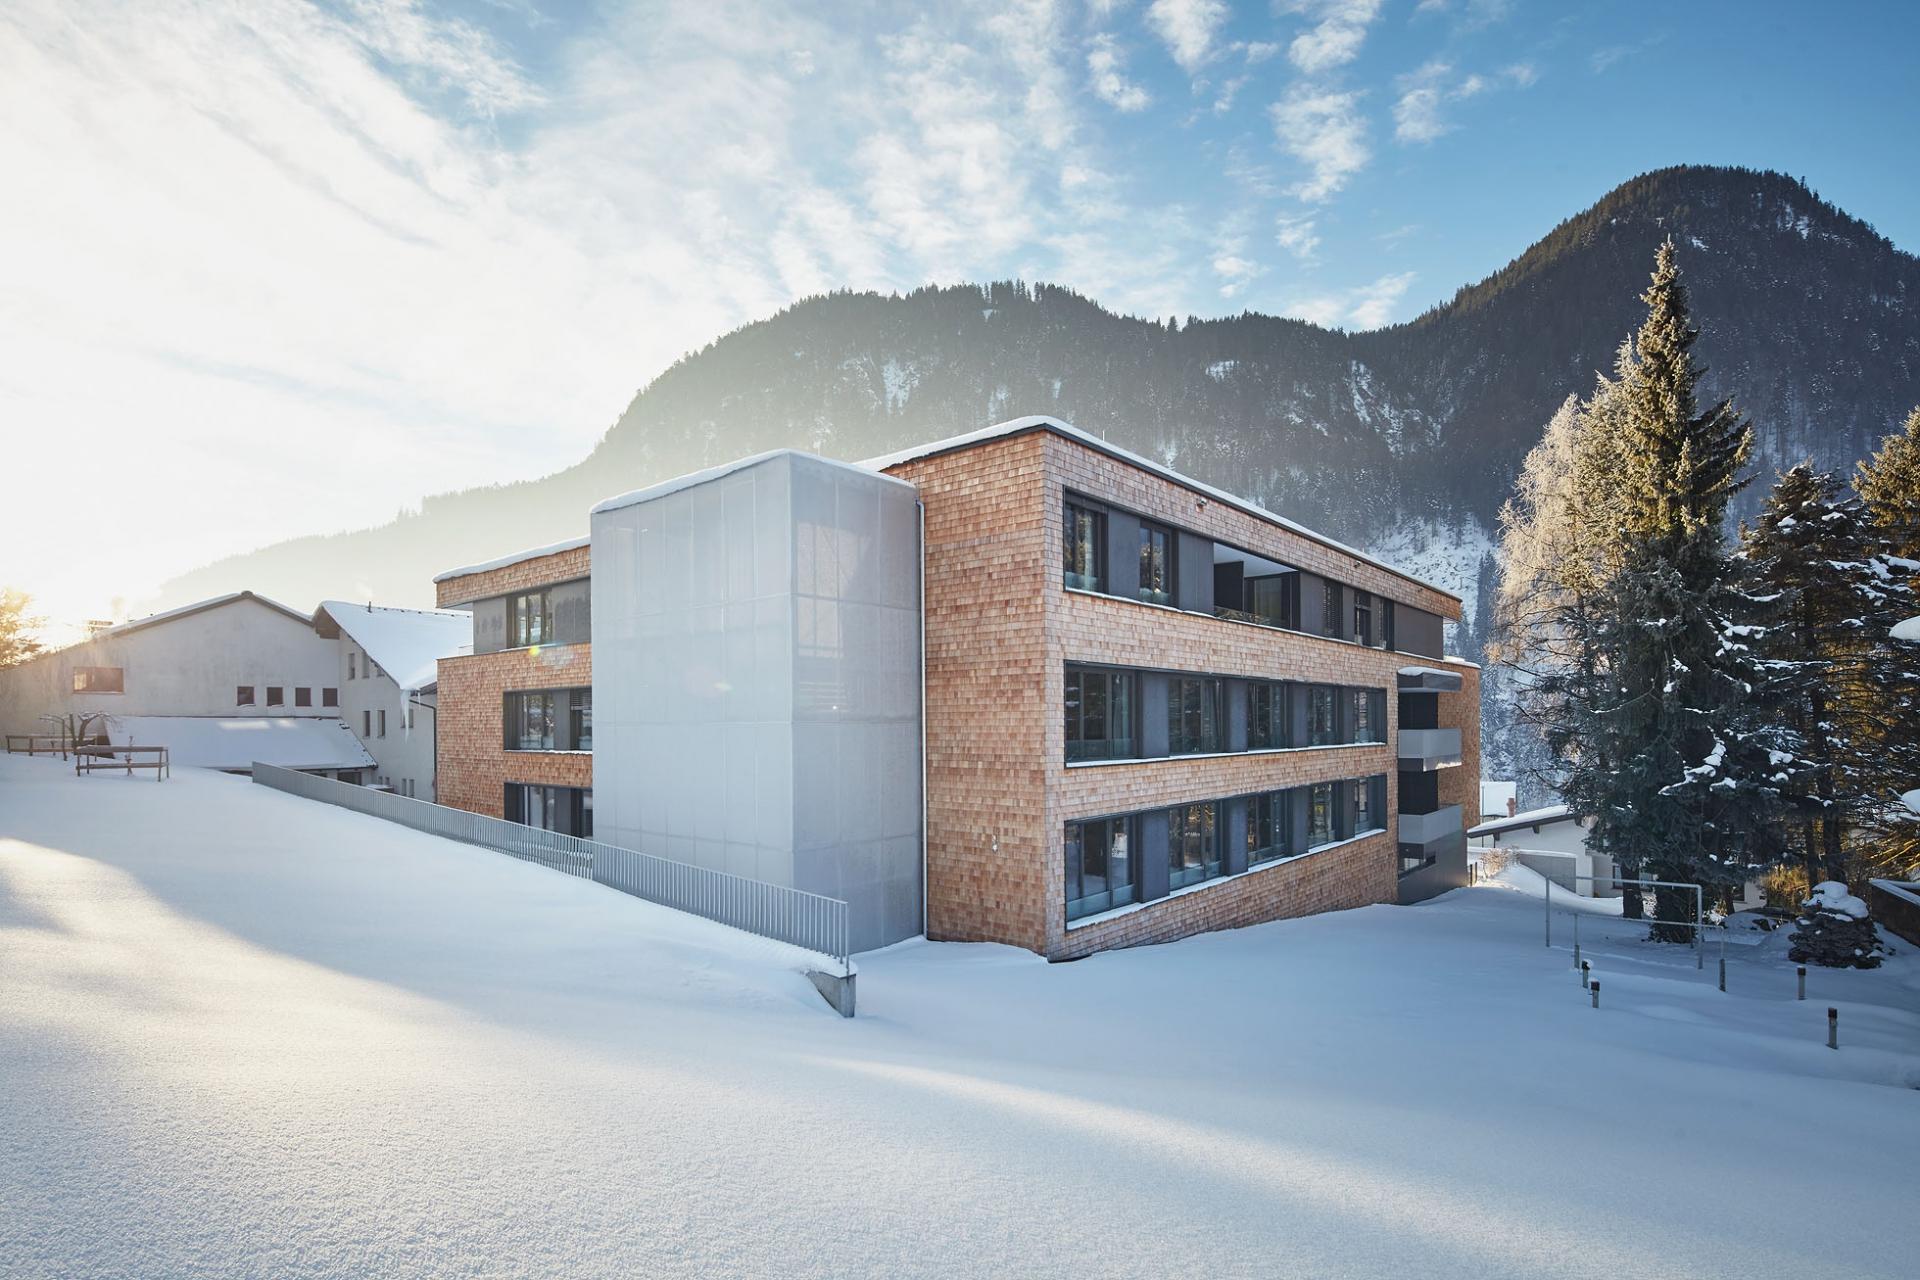 Lukas Gaechter architecture